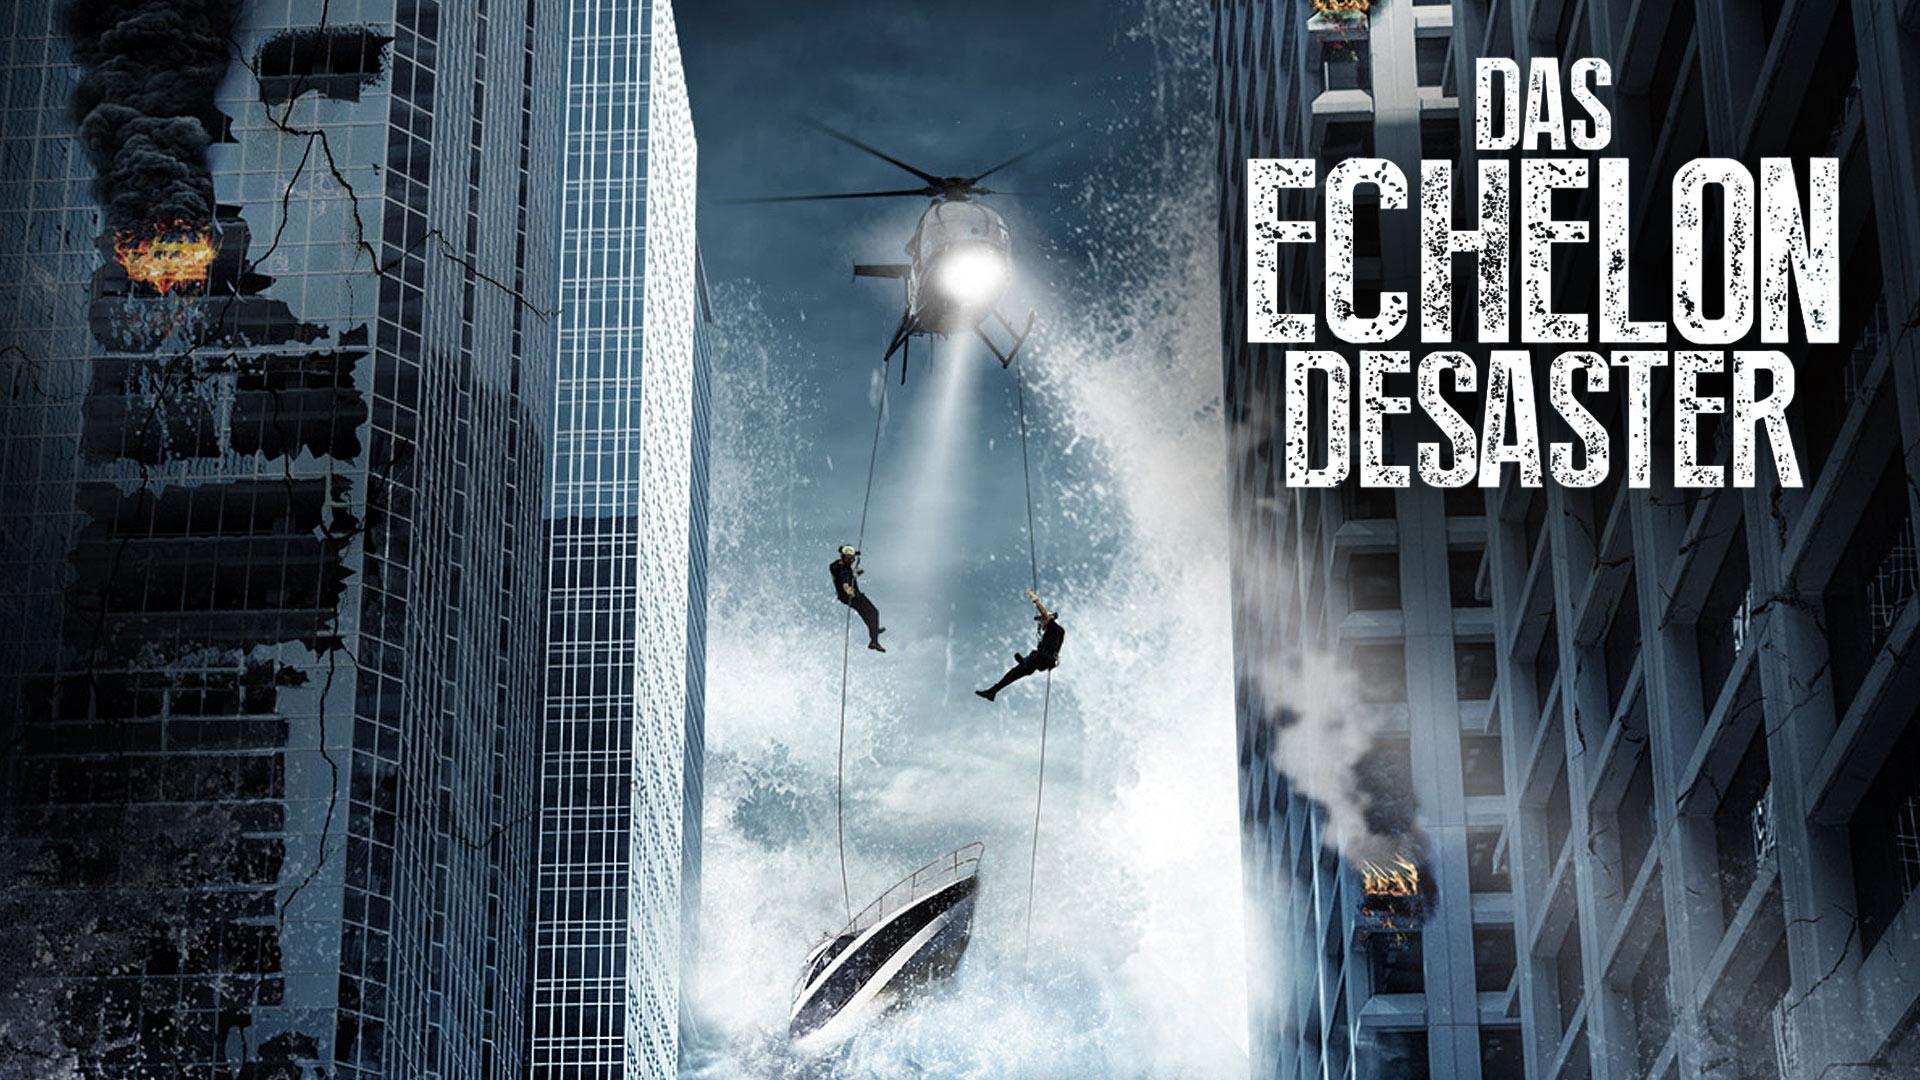 Das Echelon-Desaster [dt./OV]